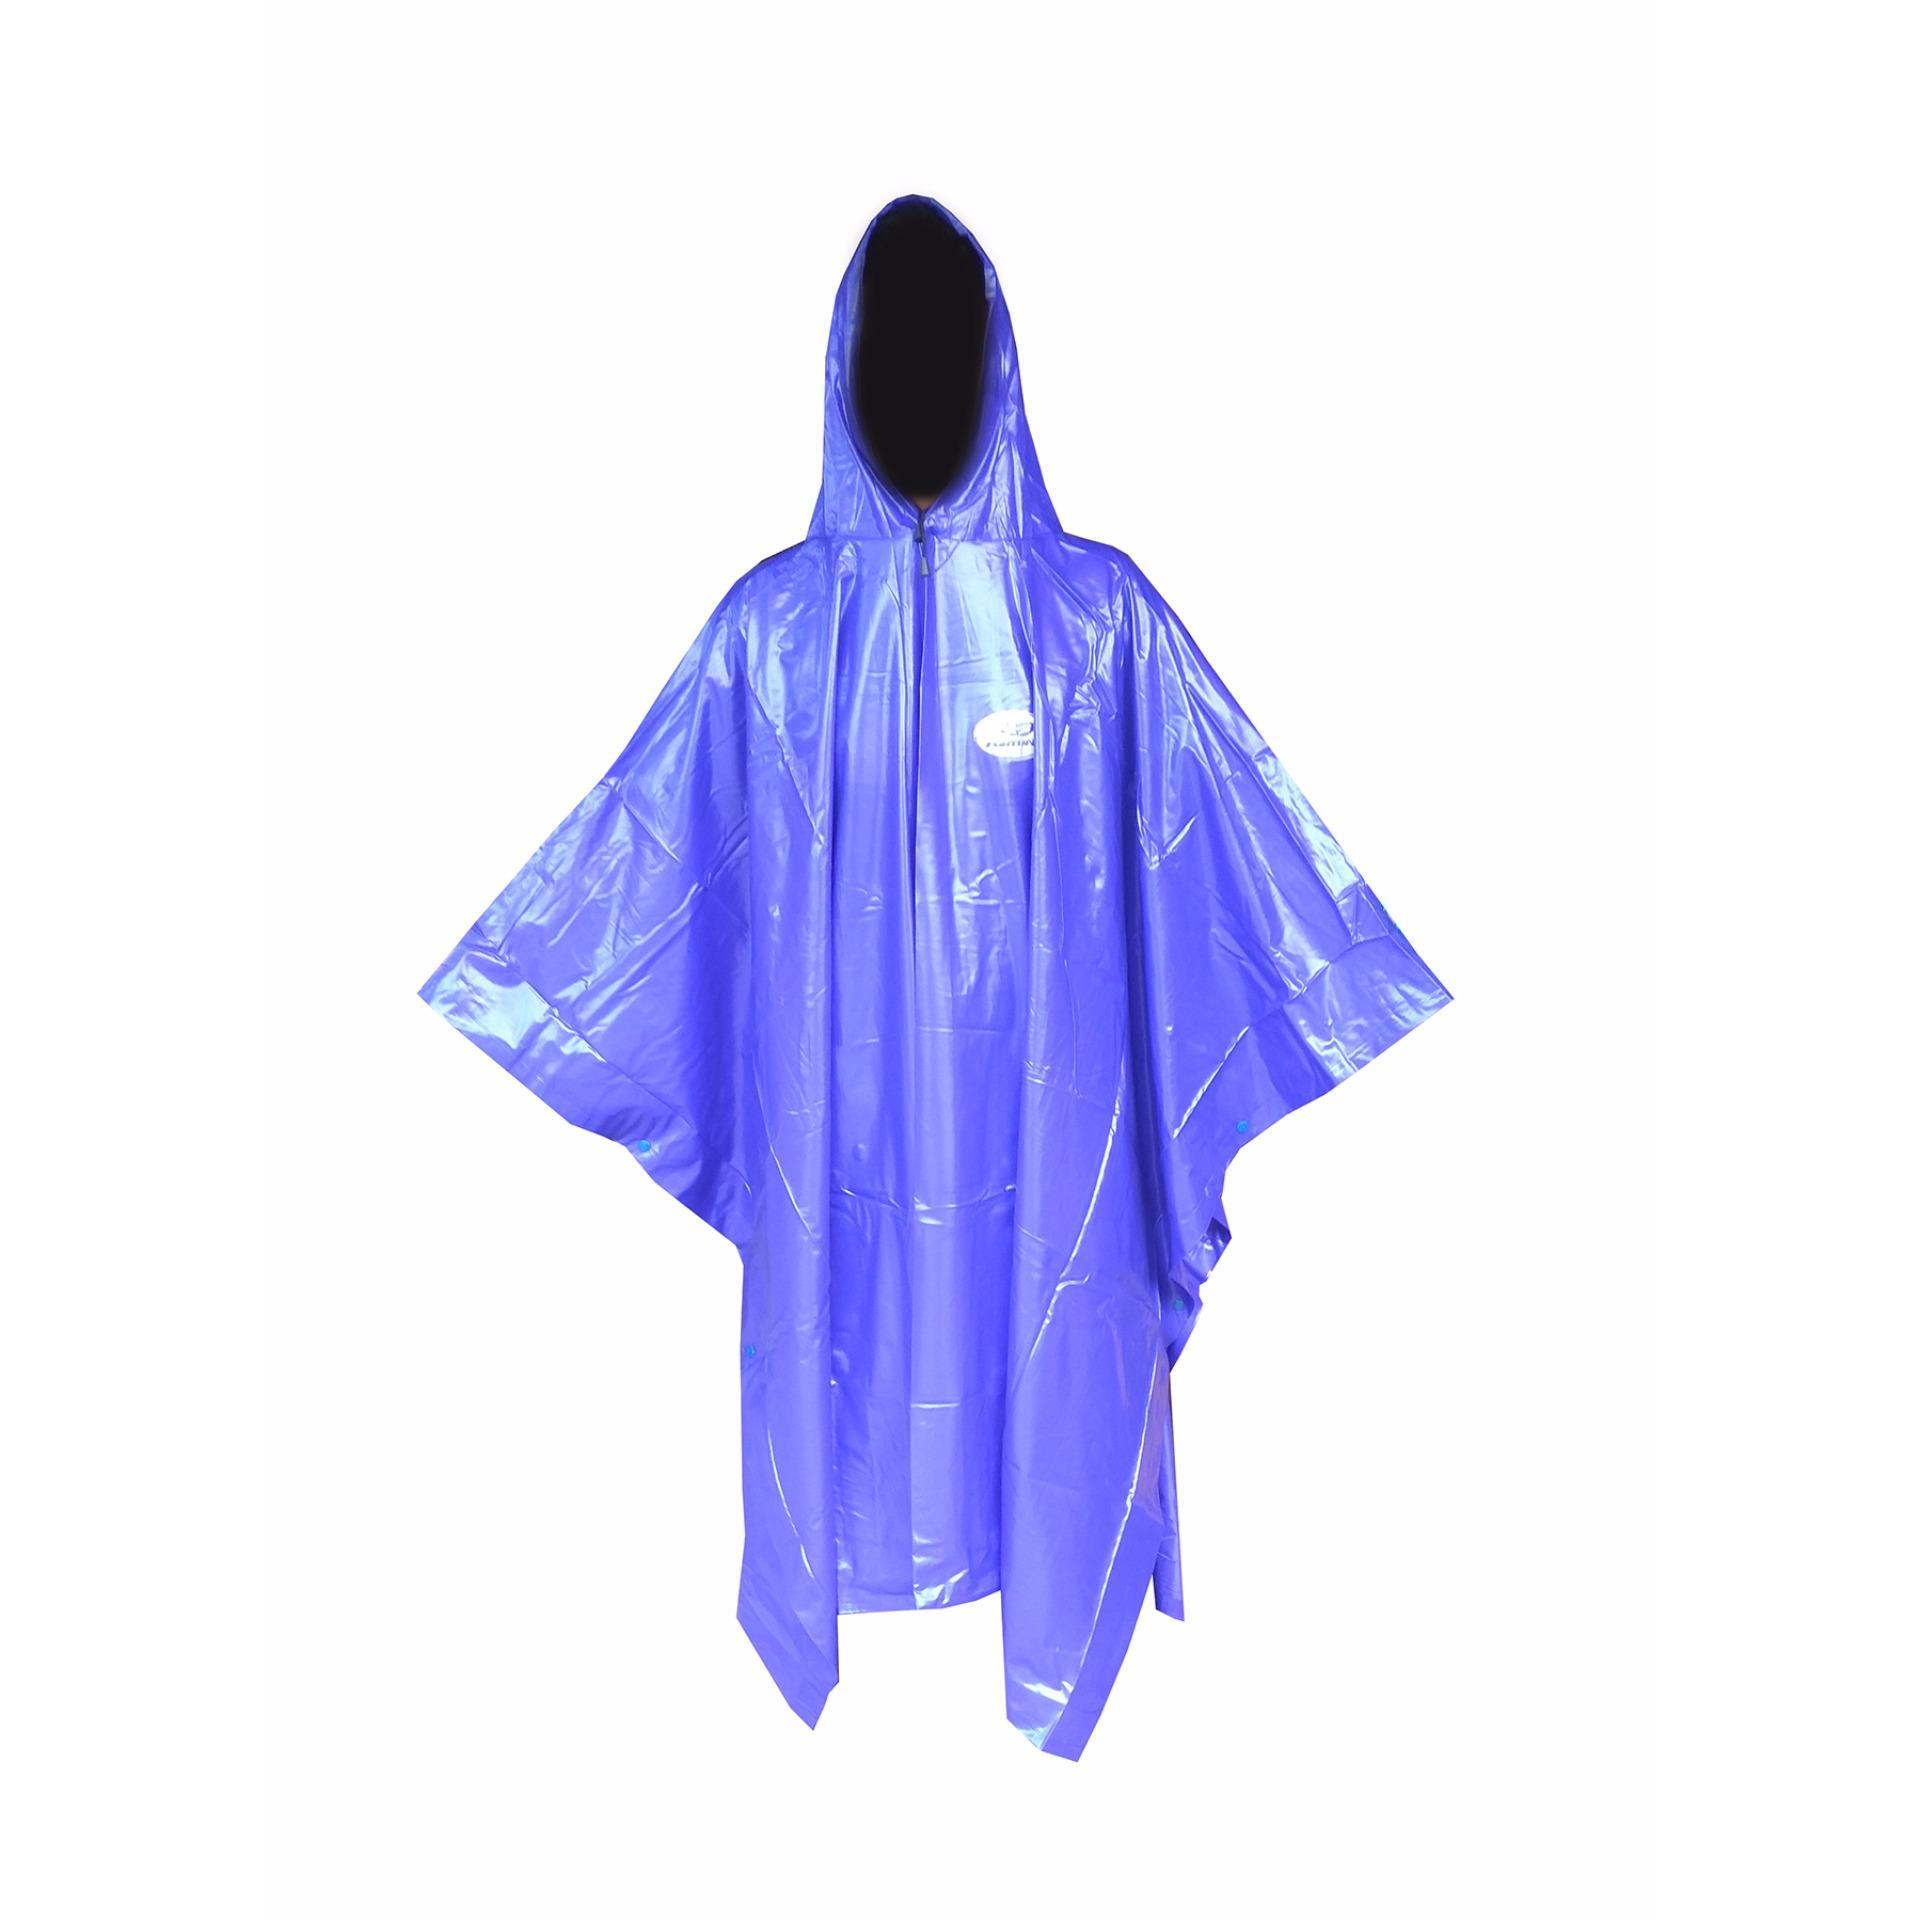 Jual Fortune Jas Hujan Ponco Karet Pvc Tebal Beratnya Hampir 1Kg Tipe F613 Biru Branded Original